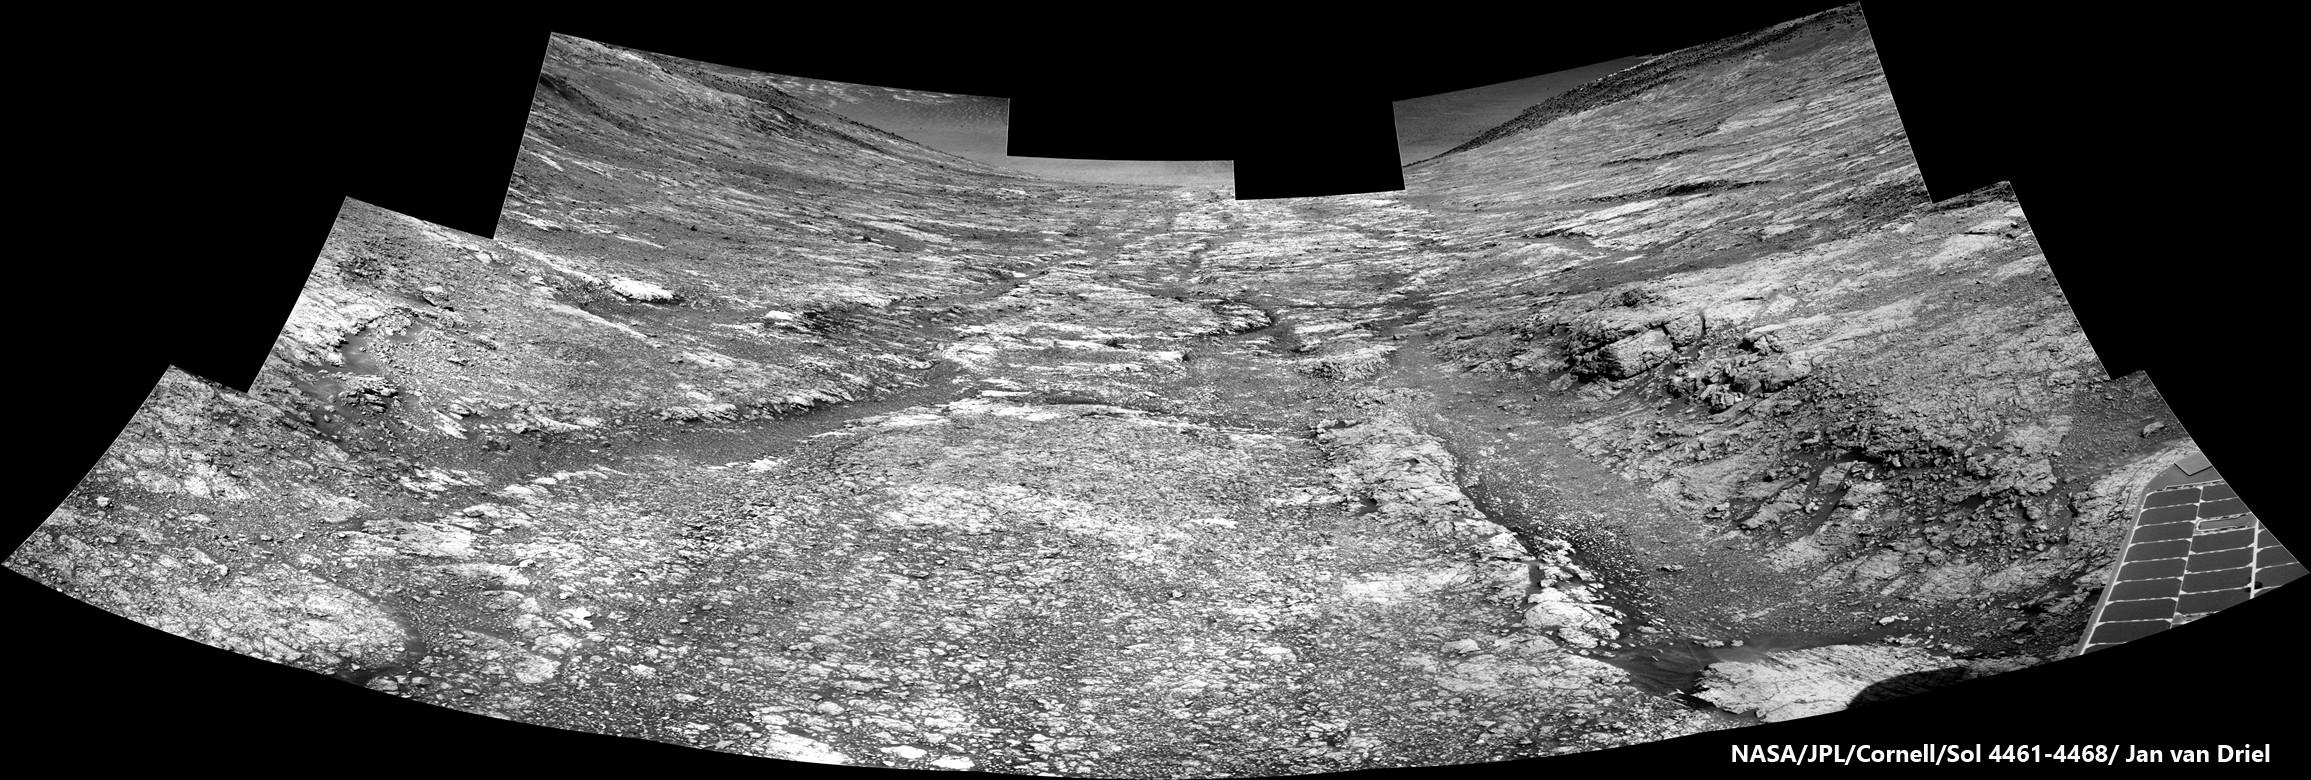 Opportunity et l'exploration du cratère Endeavour - Page 9 Index